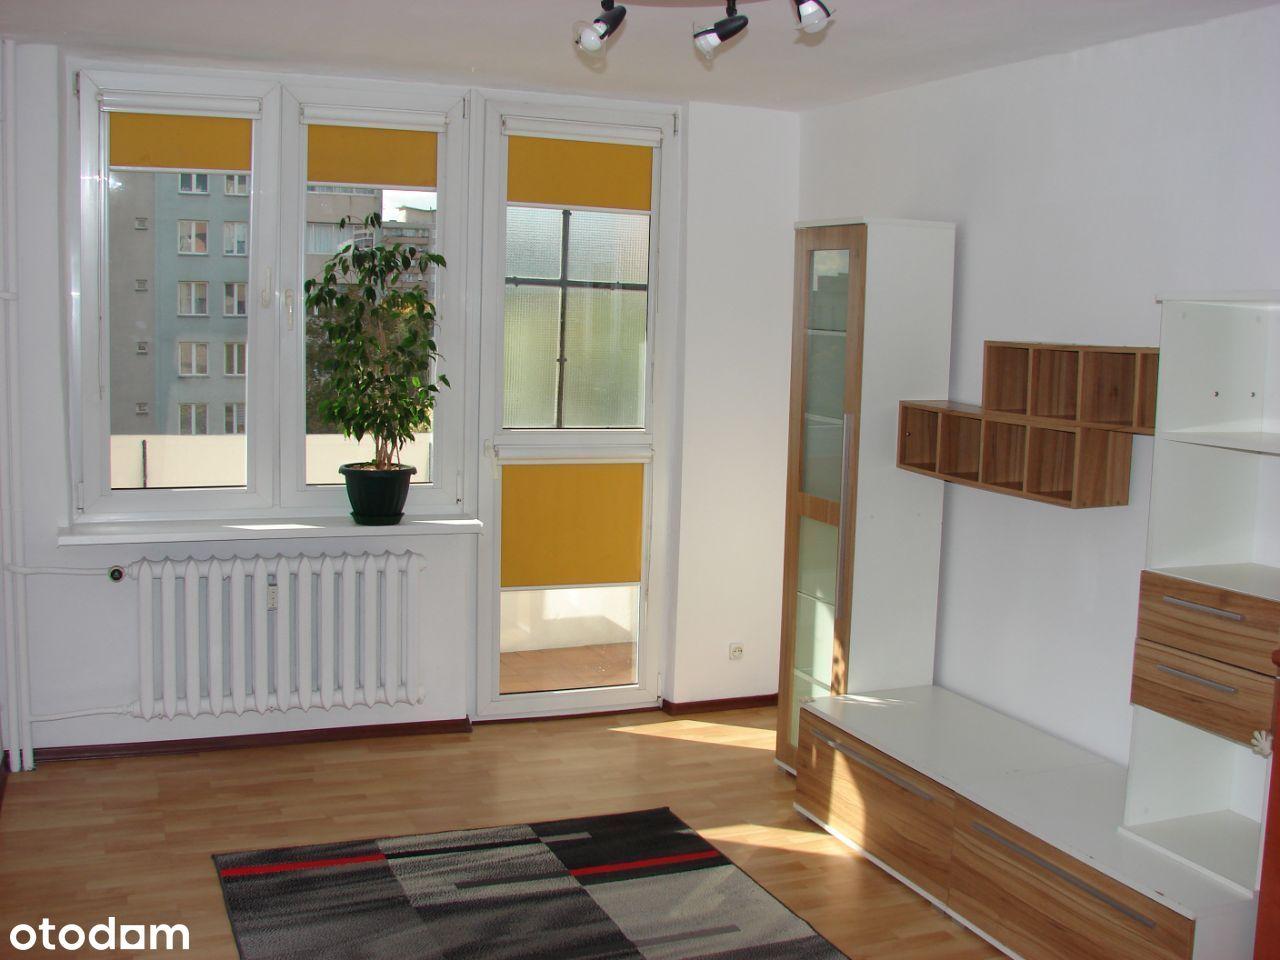 Mieszkanie Bródno 2 pok. 42,5m BEZPOŚREDNIO PO RE